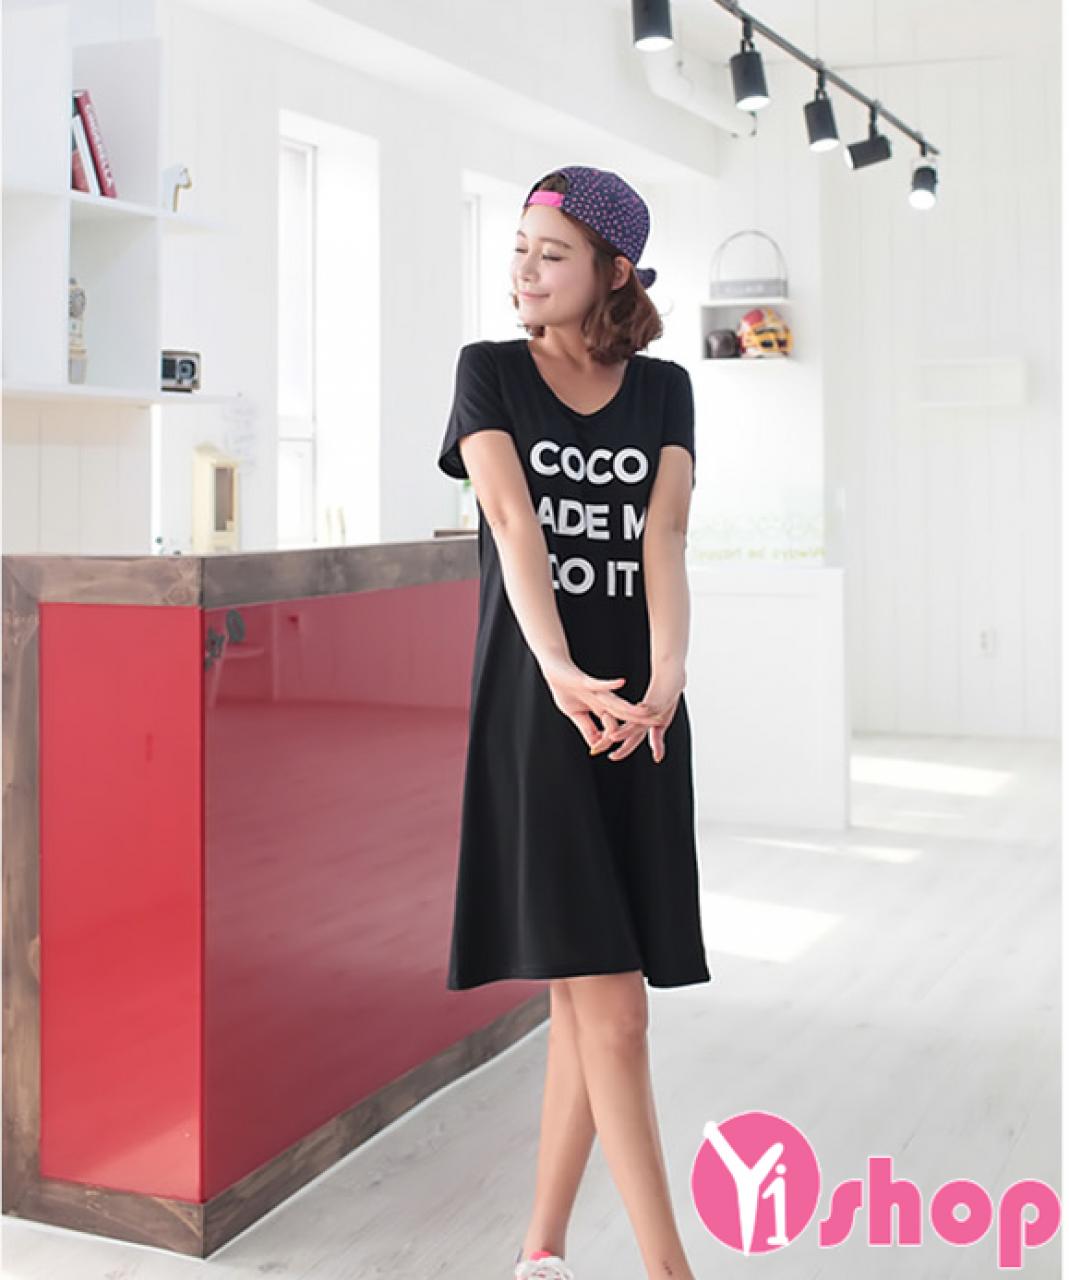 Váy đầm thun liền thân đẹp phong cách thời trang Hàn Quốc hè 2020 - 2021